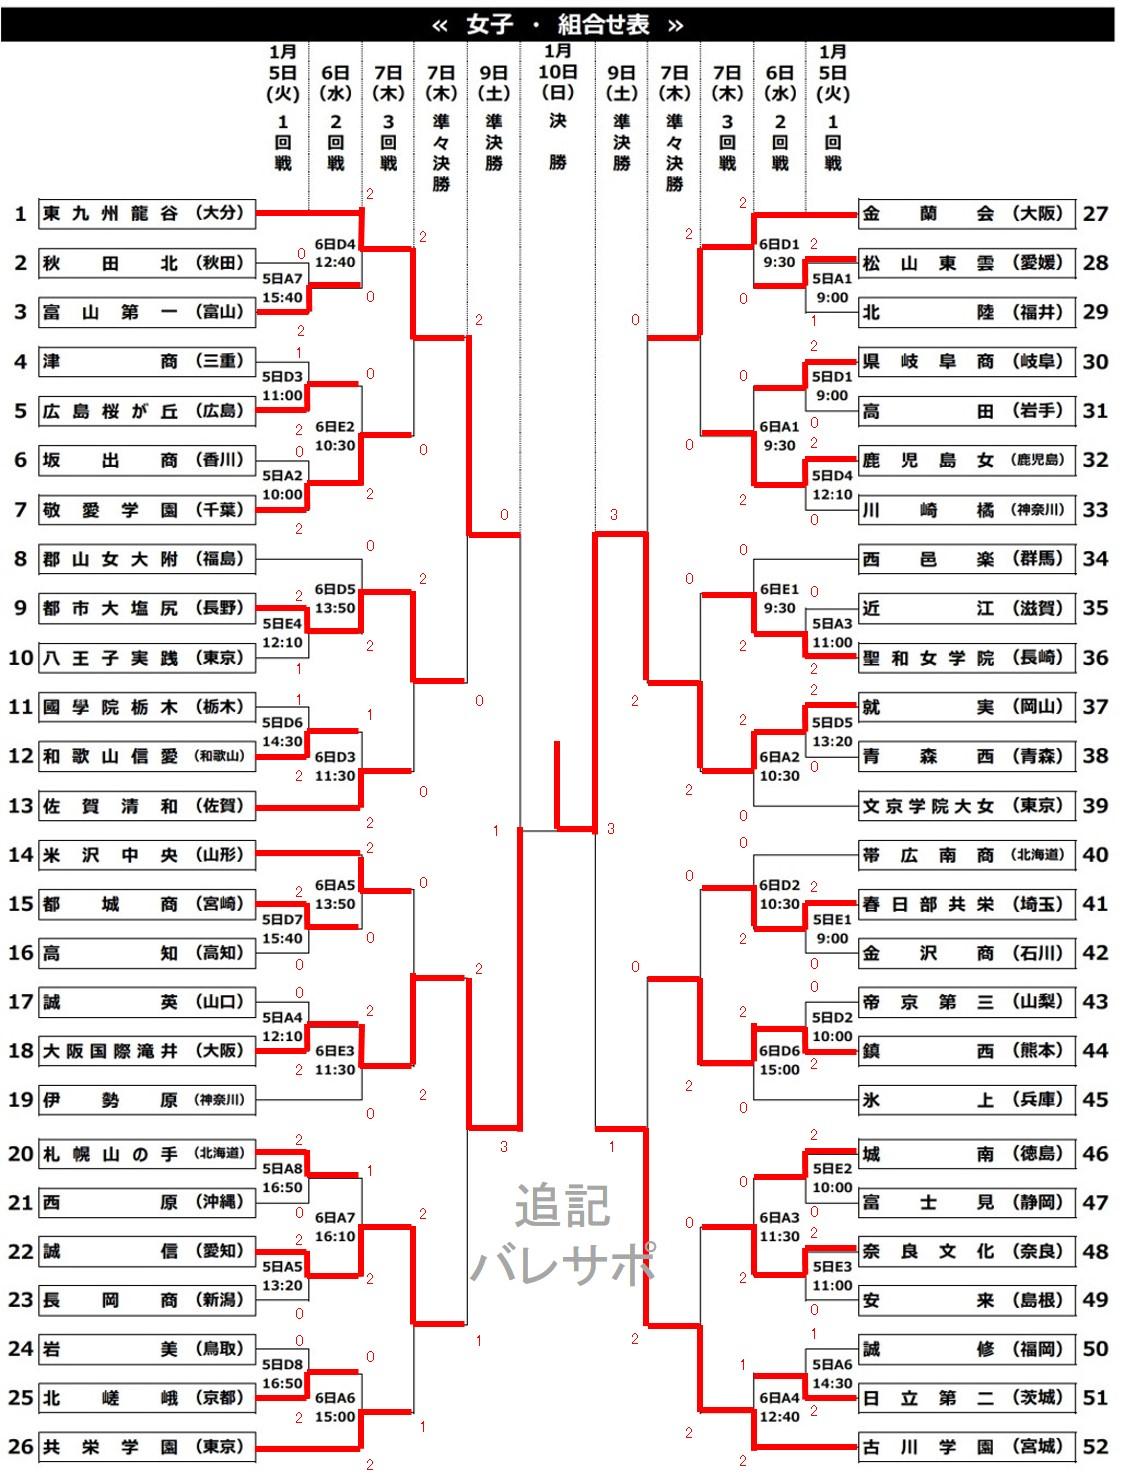 2020年度_全日本高校選手権_全国_女子_最終結果